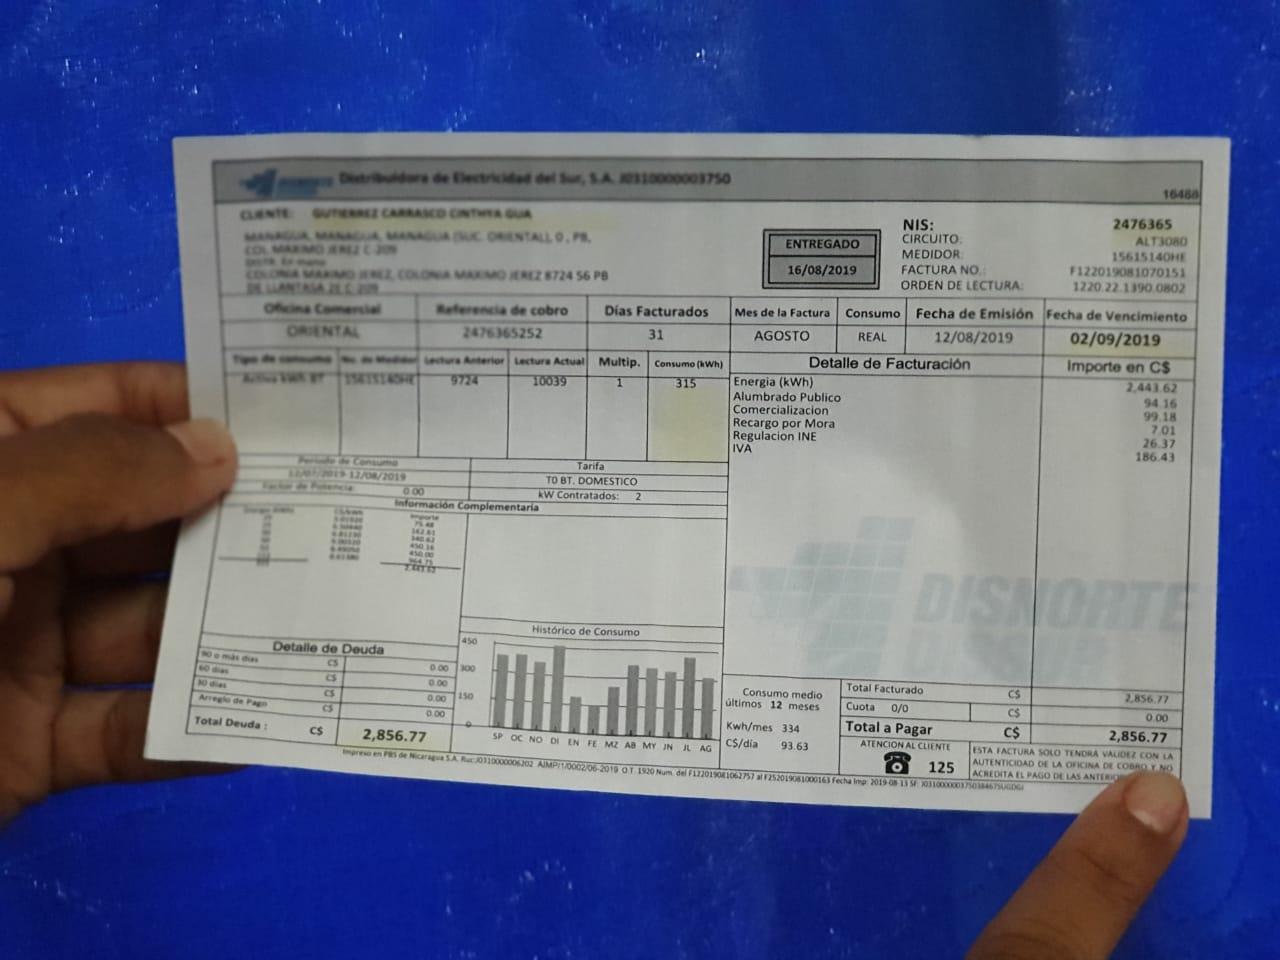 Daniel Ortega recetó tres incrementos en la factura de energía en los primeros seis meses de 2019